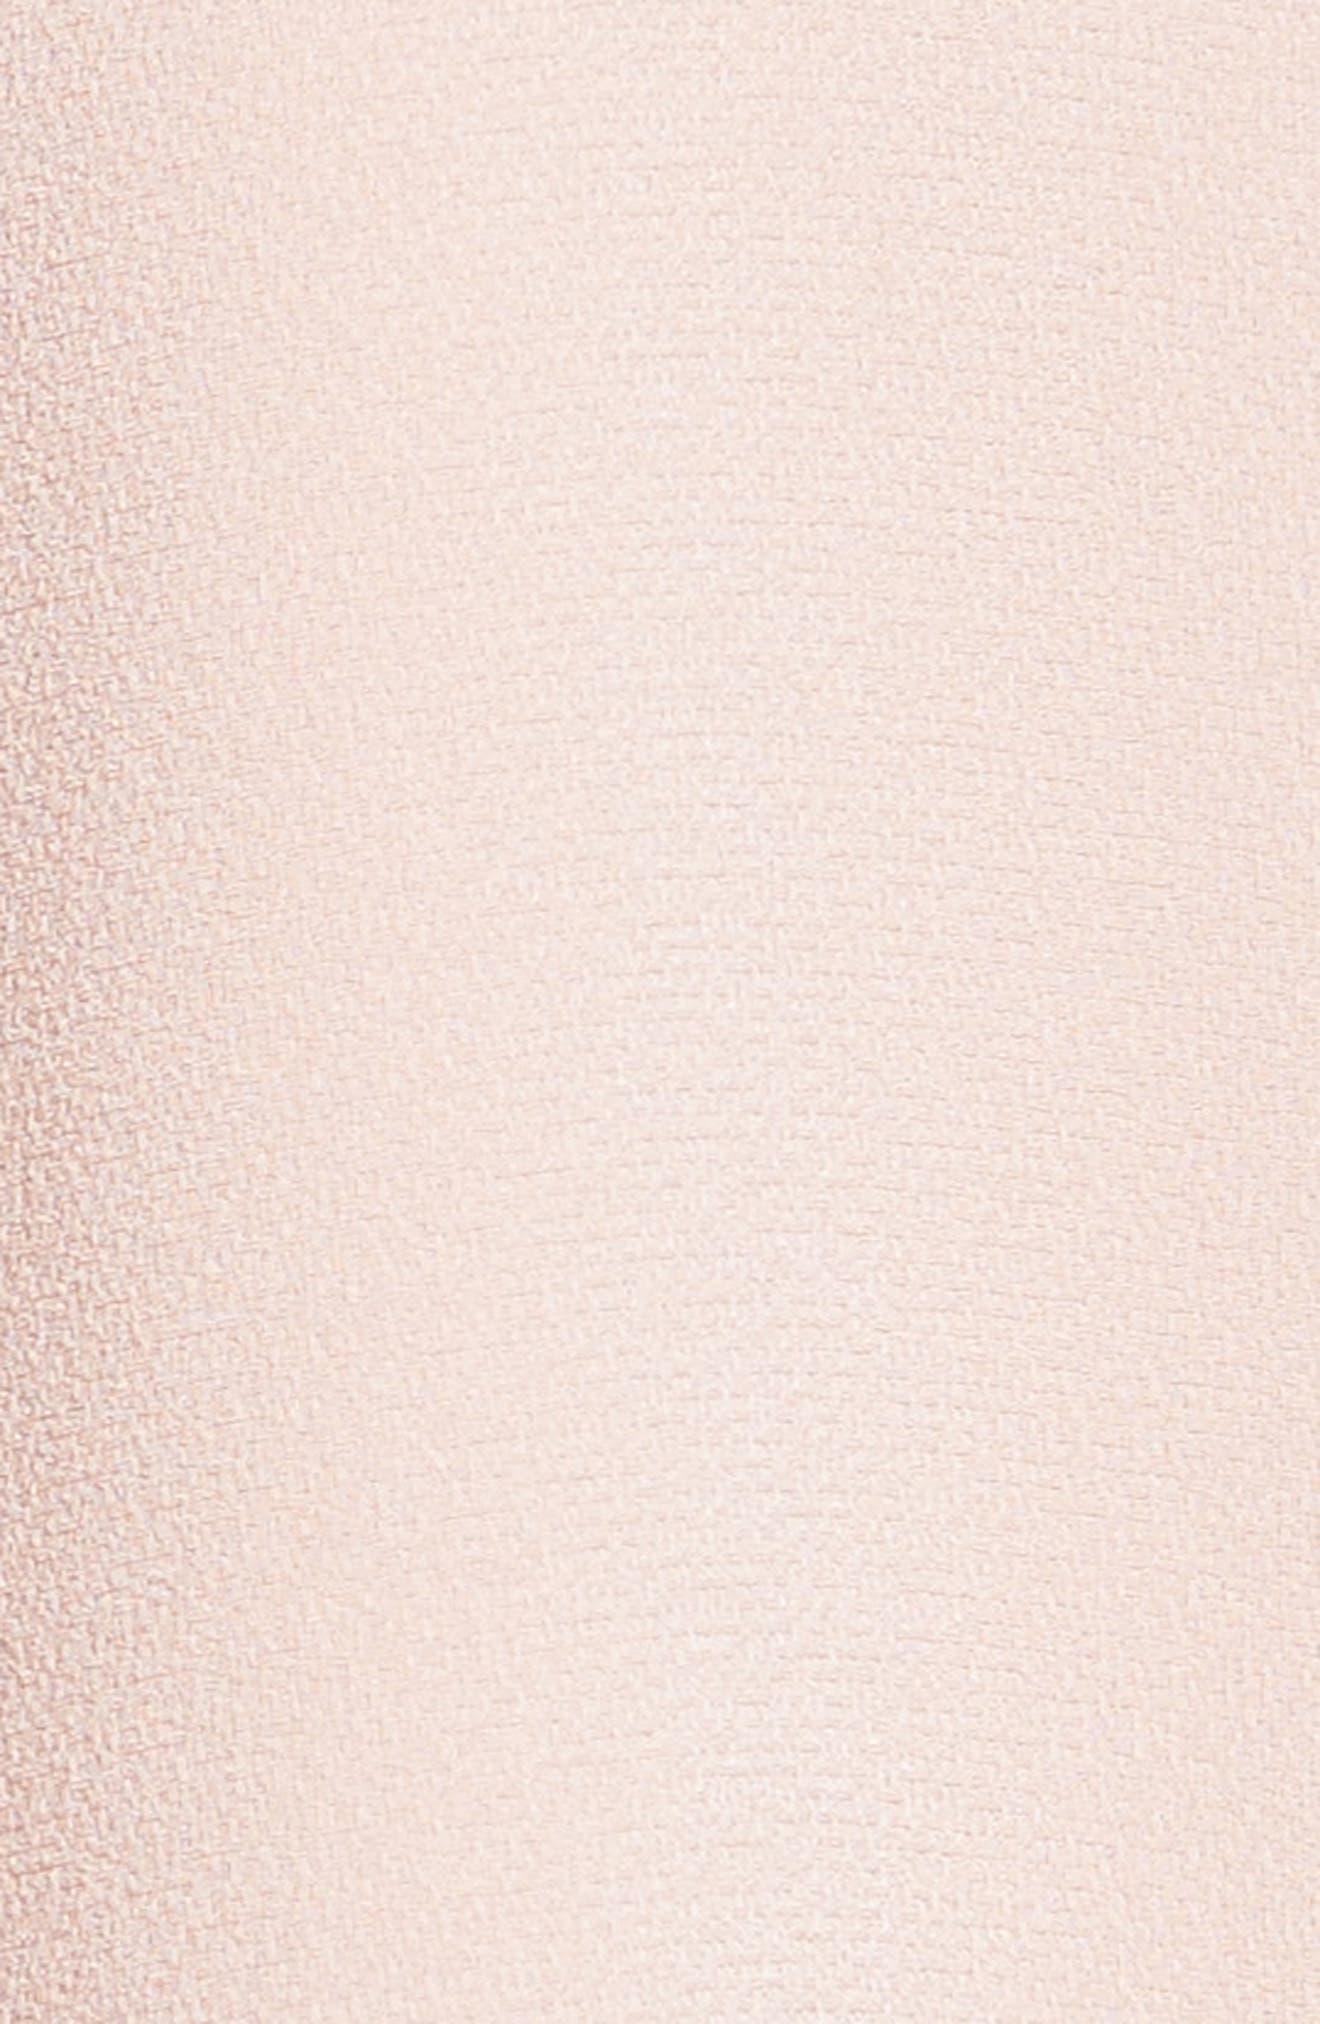 Crepe Peasant Blouse,                             Alternate thumbnail 3, color,                             Blush